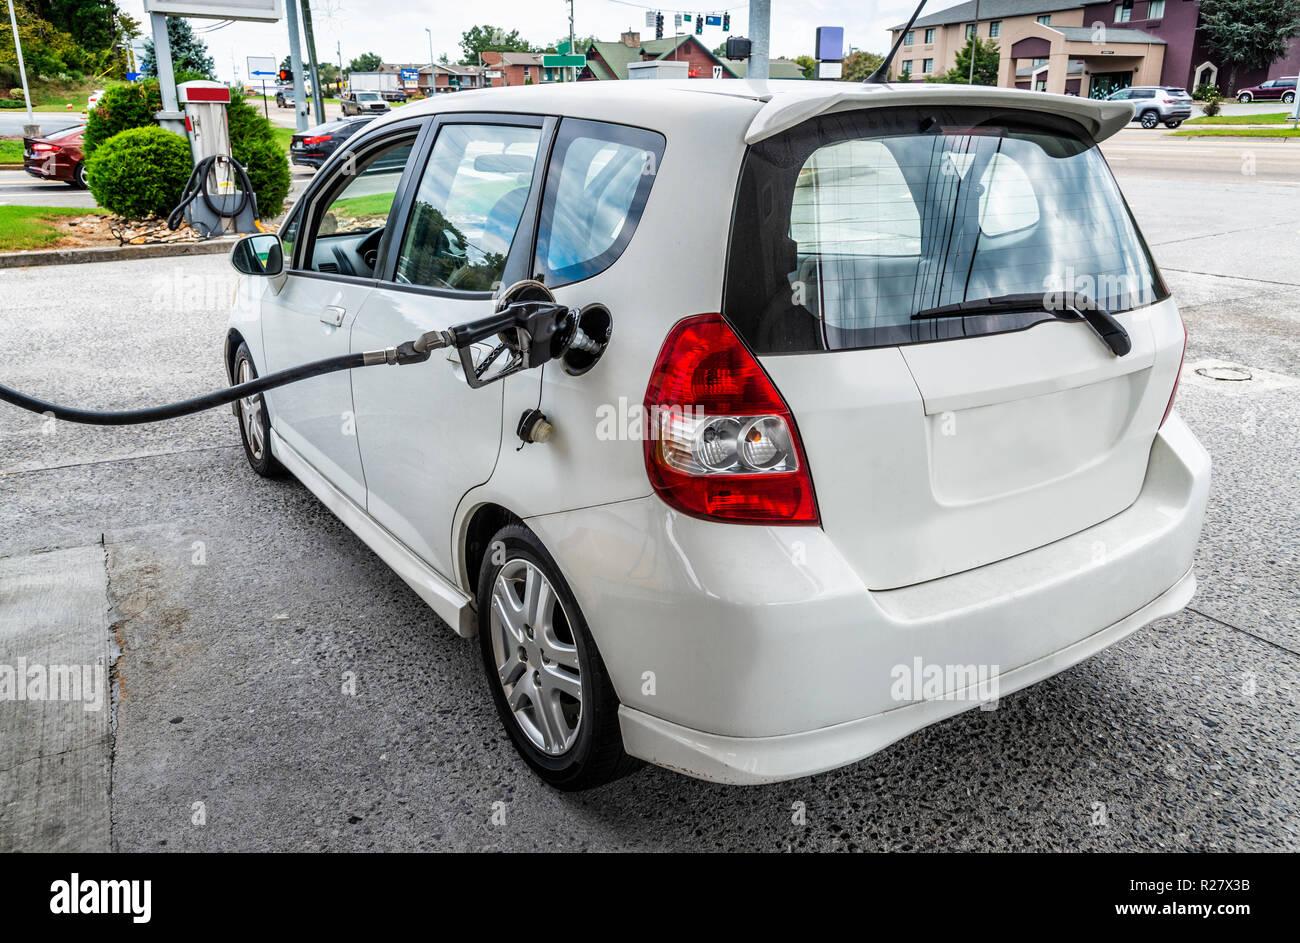 Angolo orizzontale shot dalla parte posteriore verso la parte anteriore di un generico piccola vettura bianca essendo riempito con benzina. Immagini Stock